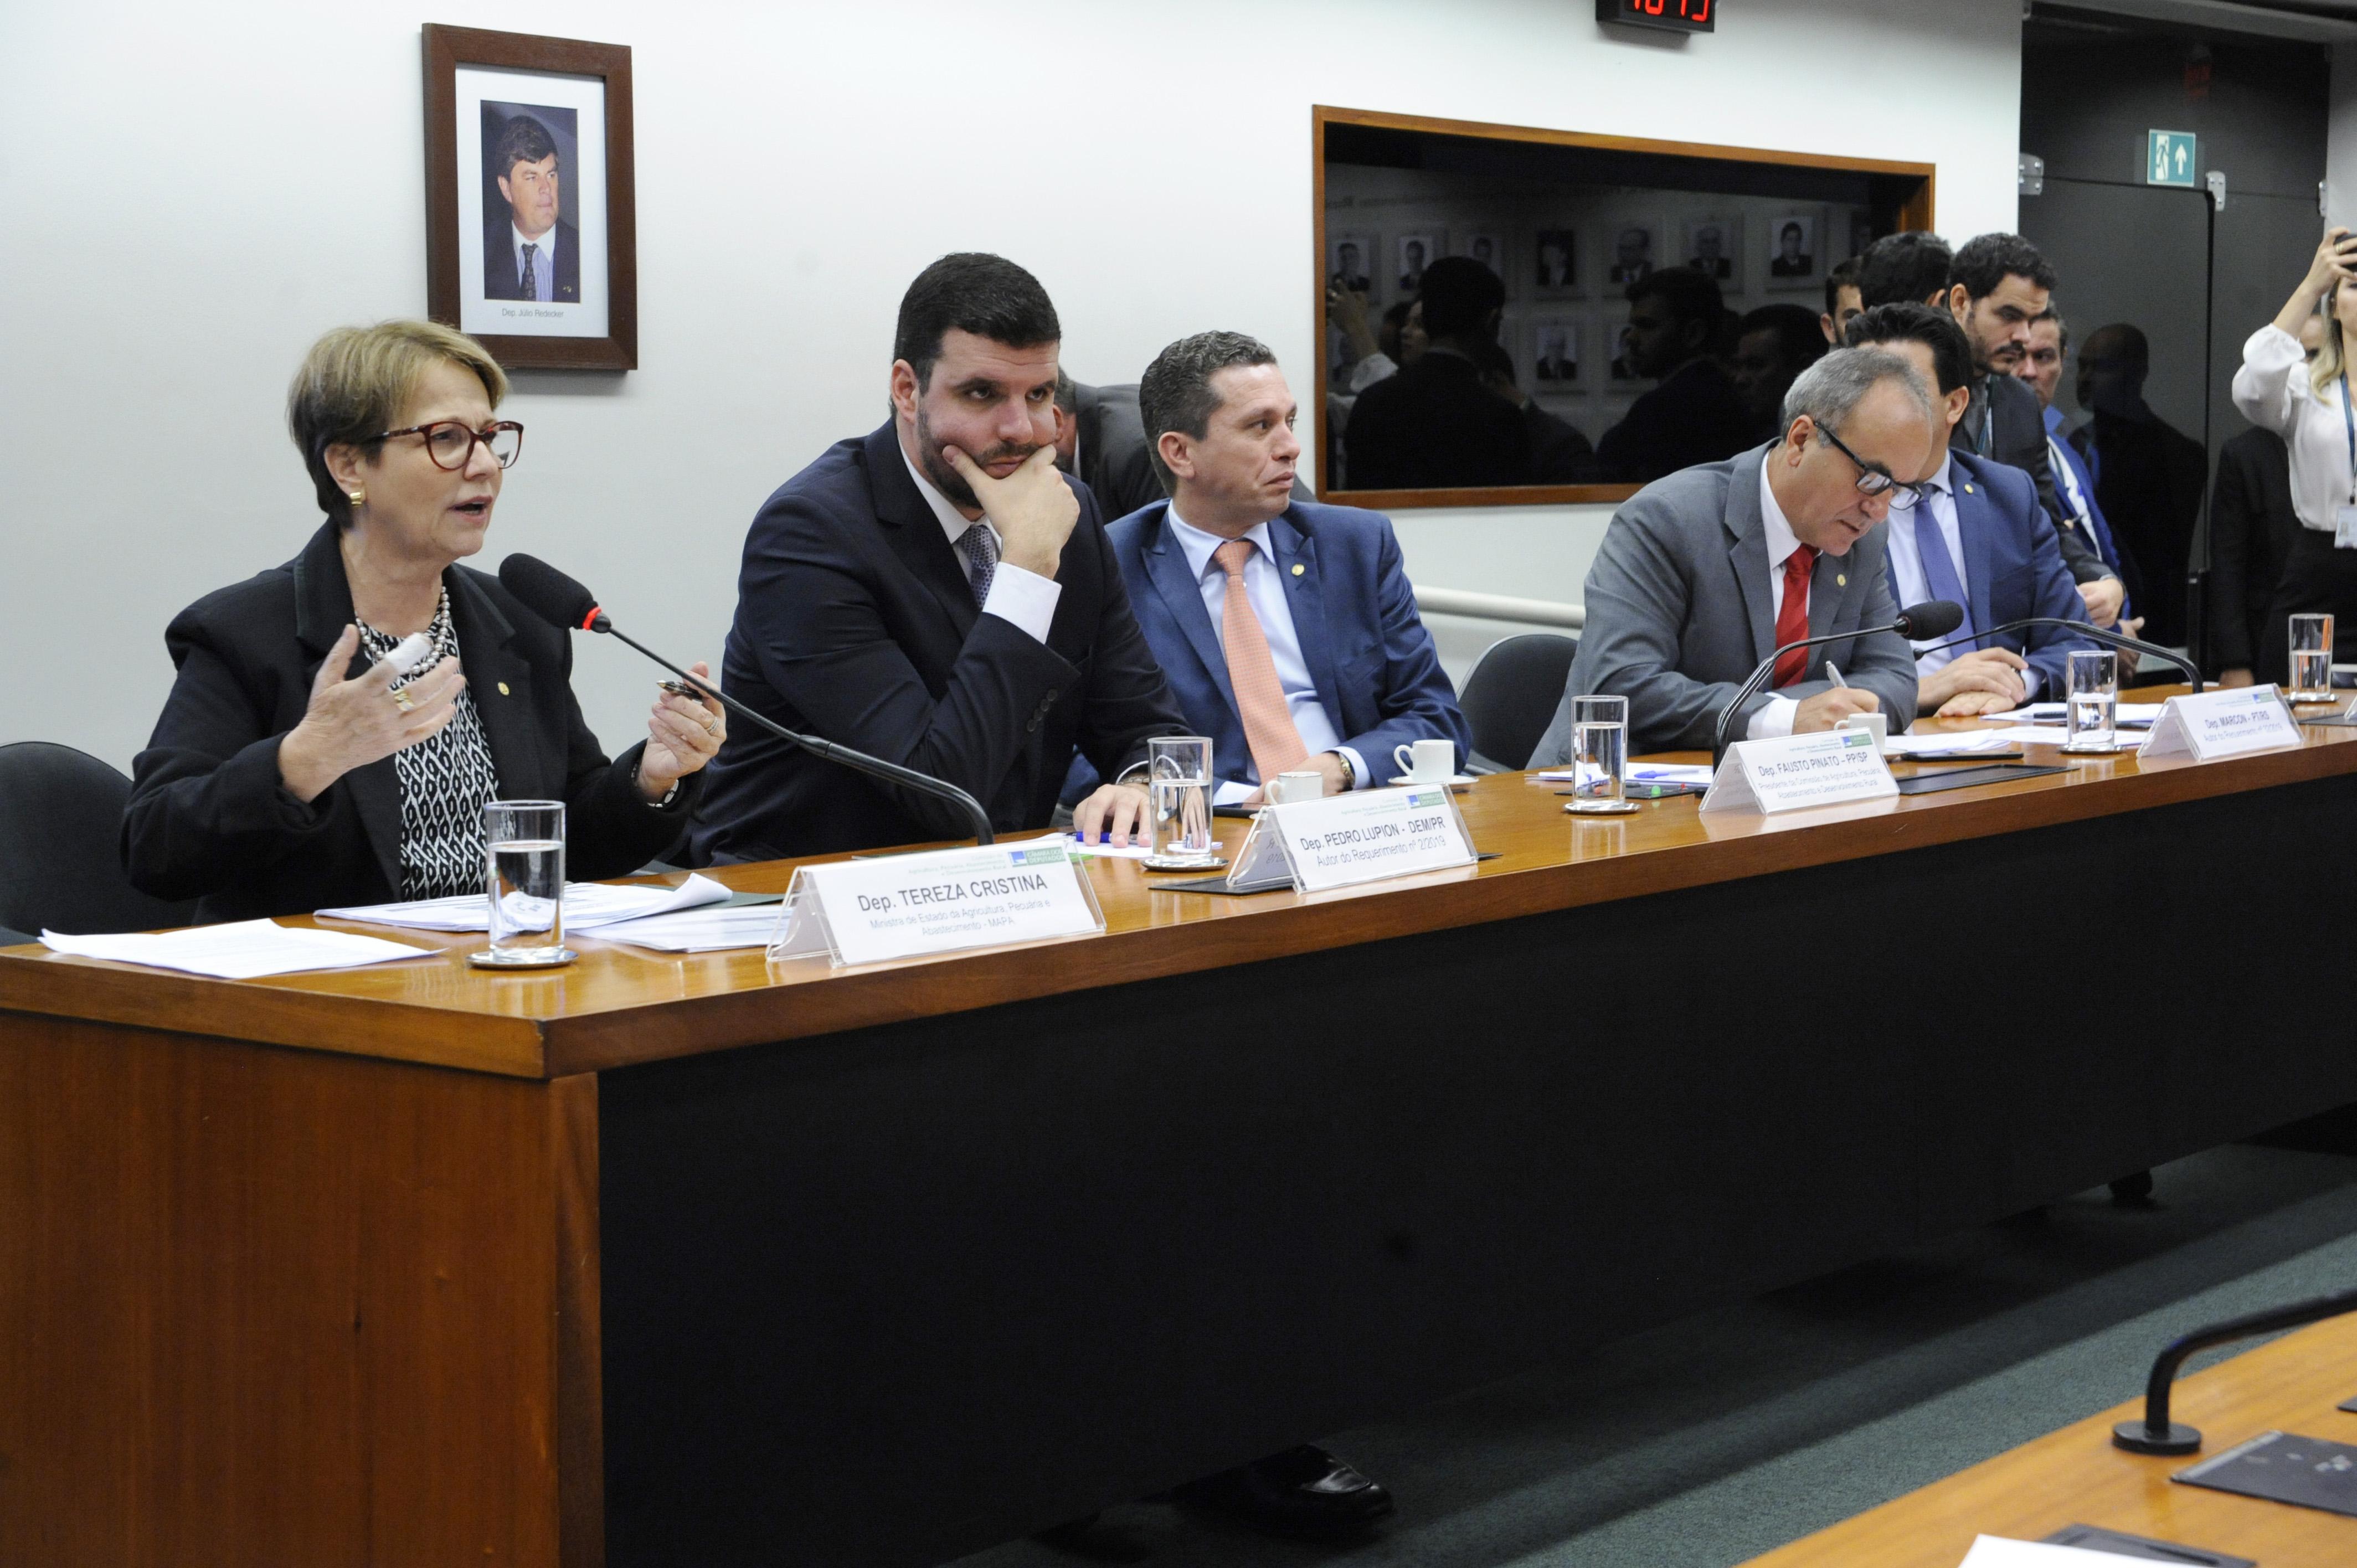 Audiência Pública sobre a Prioridades da pasta para o ano de 2019 e aspectos sobre a execução das políticas de responsabilidade do MAPA